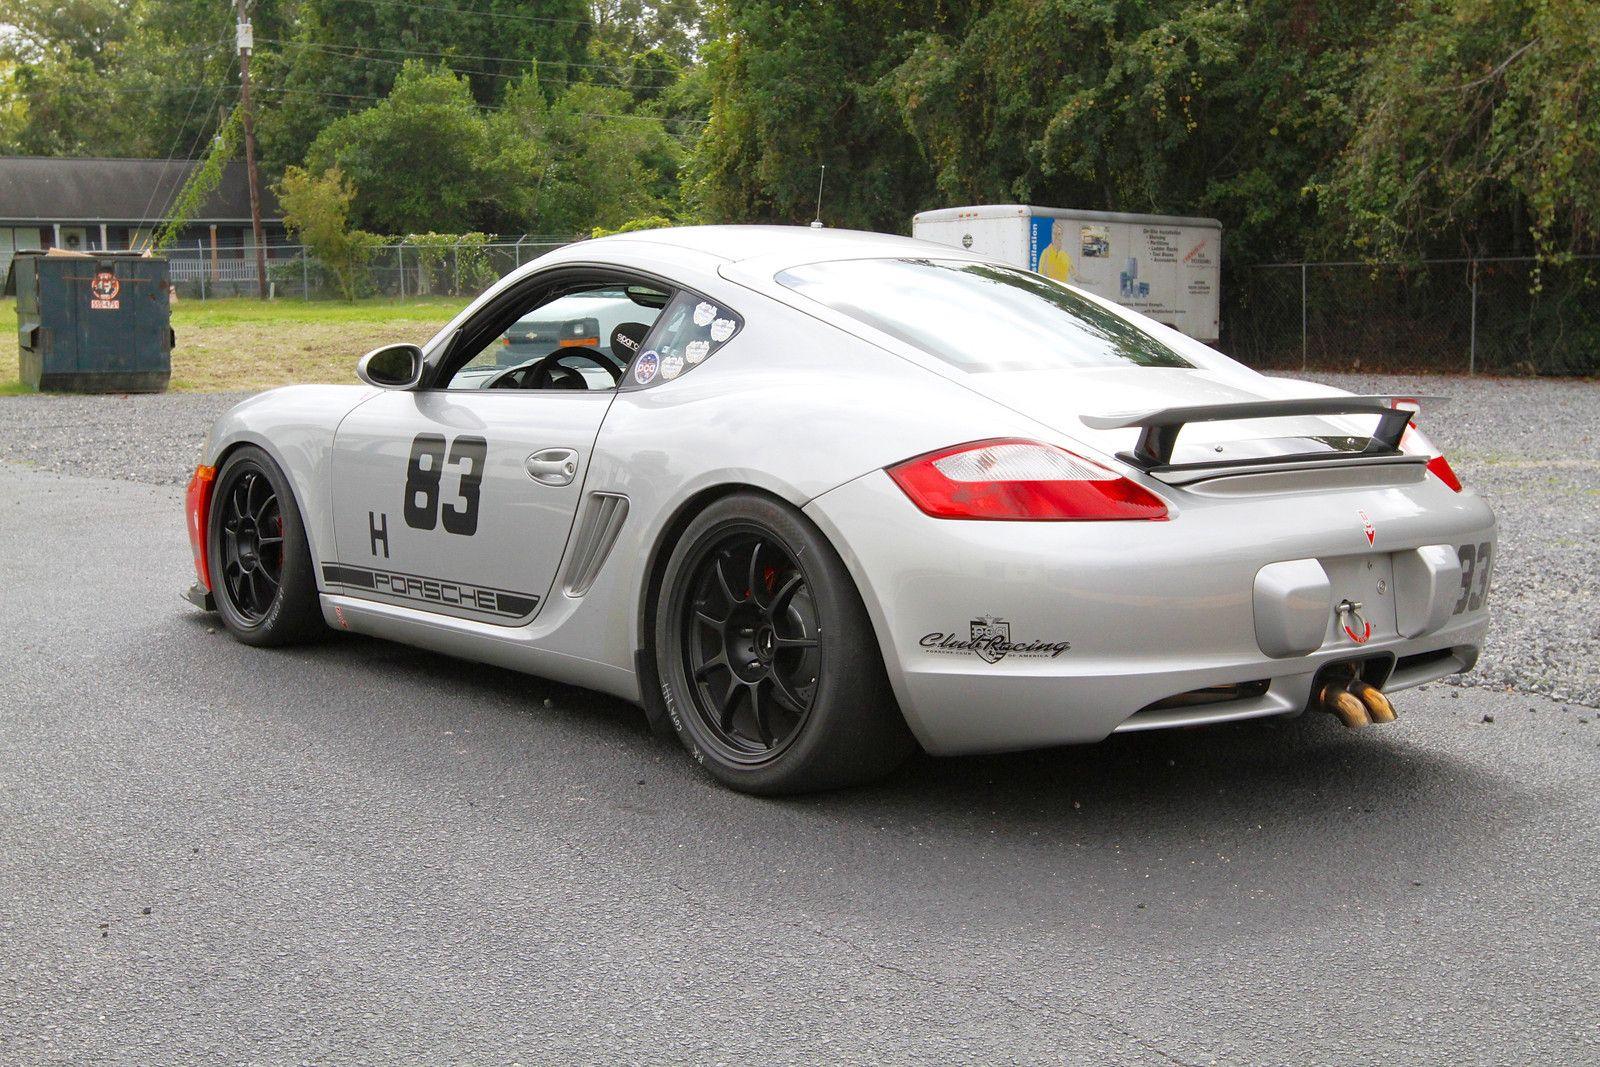 Autometrics porsche cayman s race car for sale